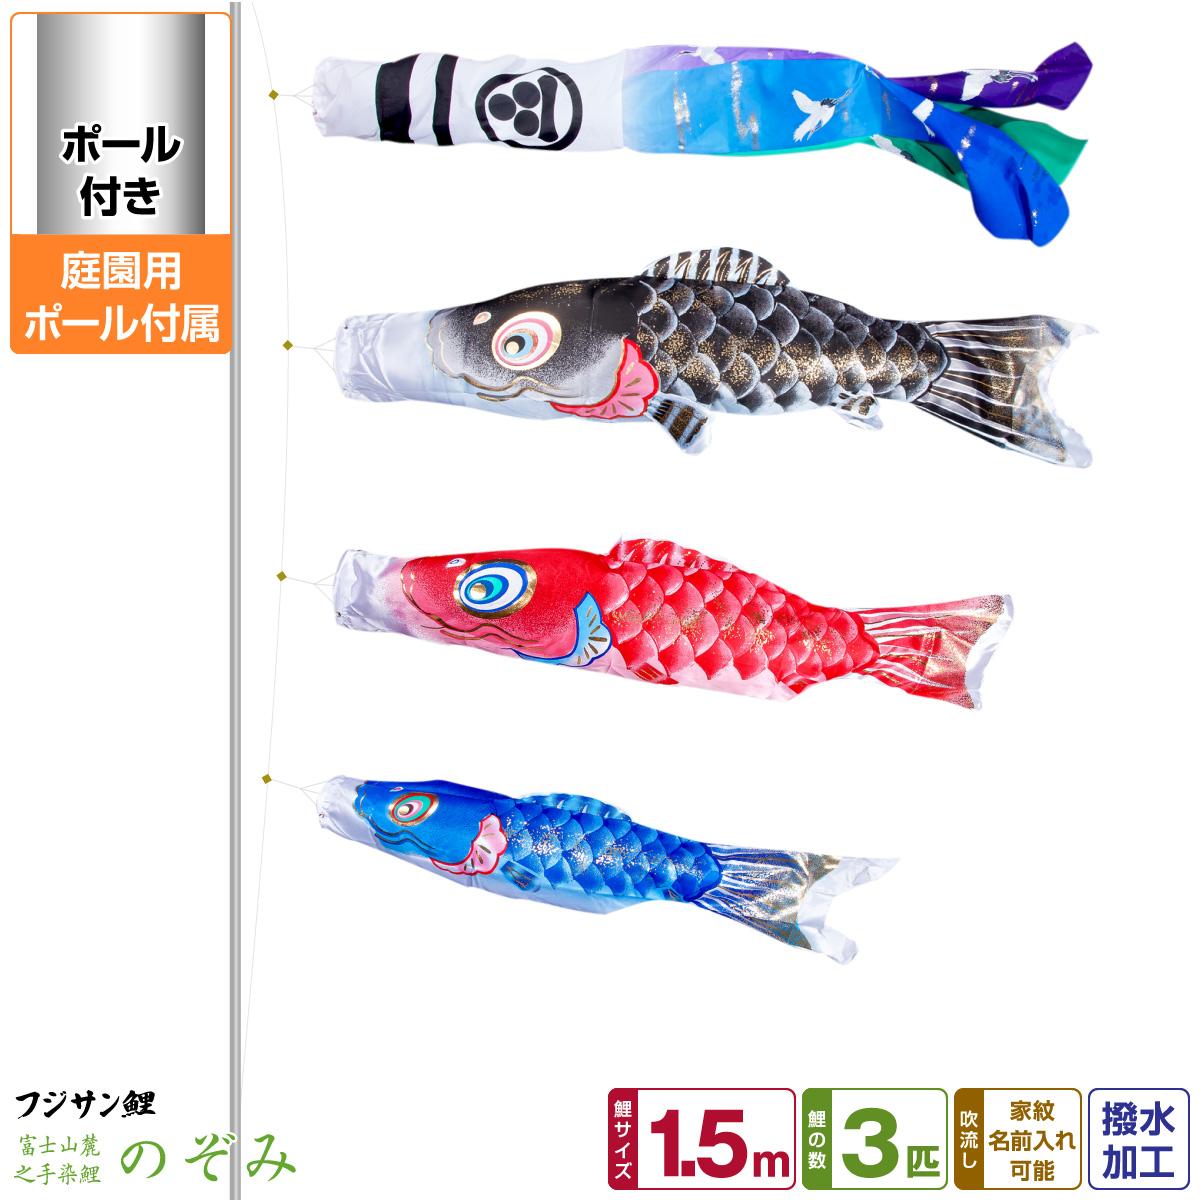 庭園用 こいのぼり 鯉のぼり フジサン鯉 のぞみ鯉 1.5m 6点セット(吹流し+鯉3匹+矢車+ロープ) 庭園 ポール付属 ガーデンセット